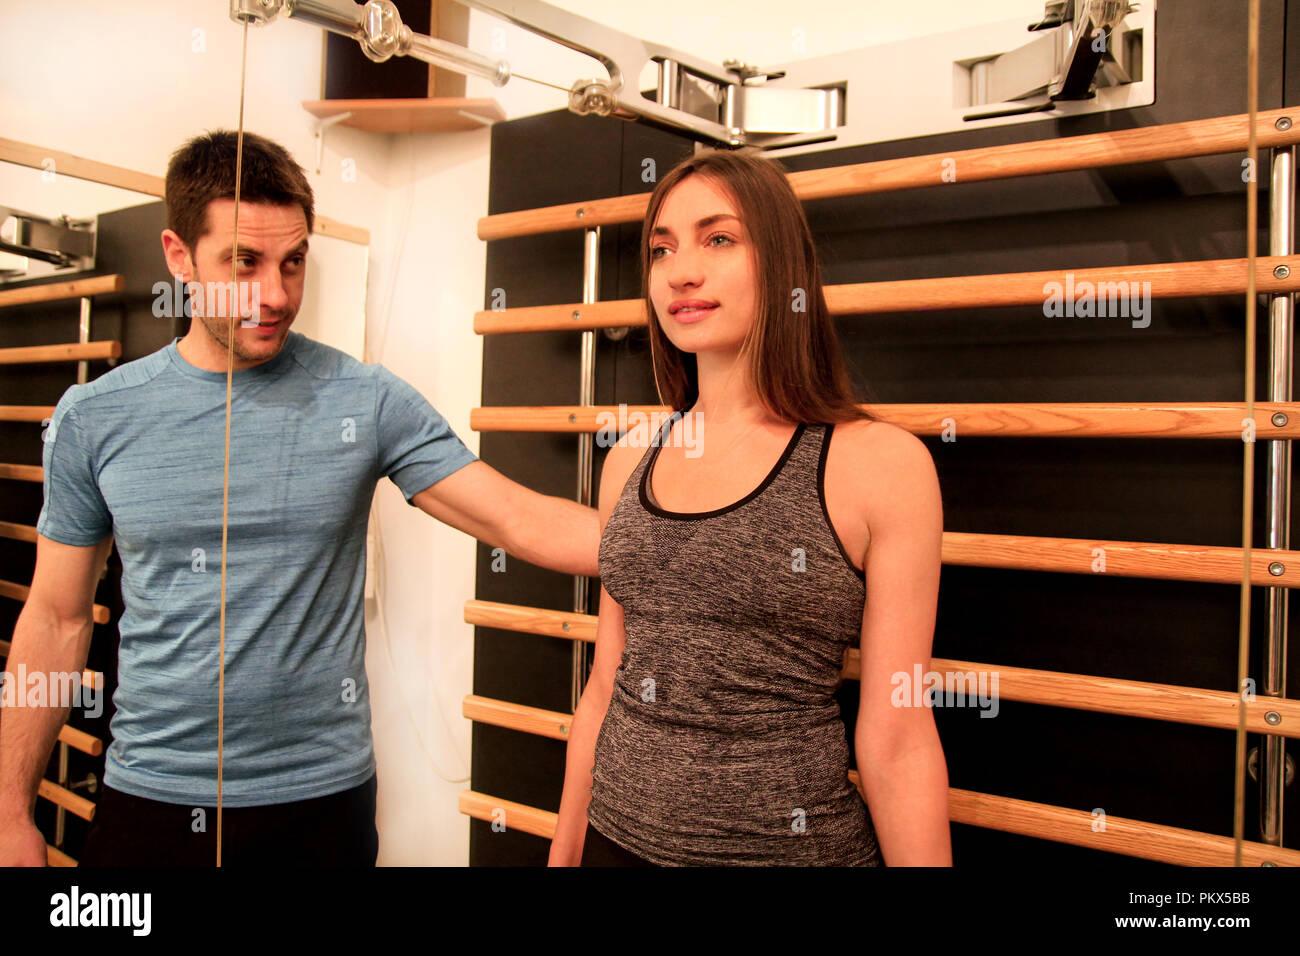 Junge Frau Übung in einer Turnhalle mit Hilfe Ihrer persönlichen Fitness Trainer kinesis Technologie Maschine Träger im Fitness Studio. Sport, Fitness Stockbild